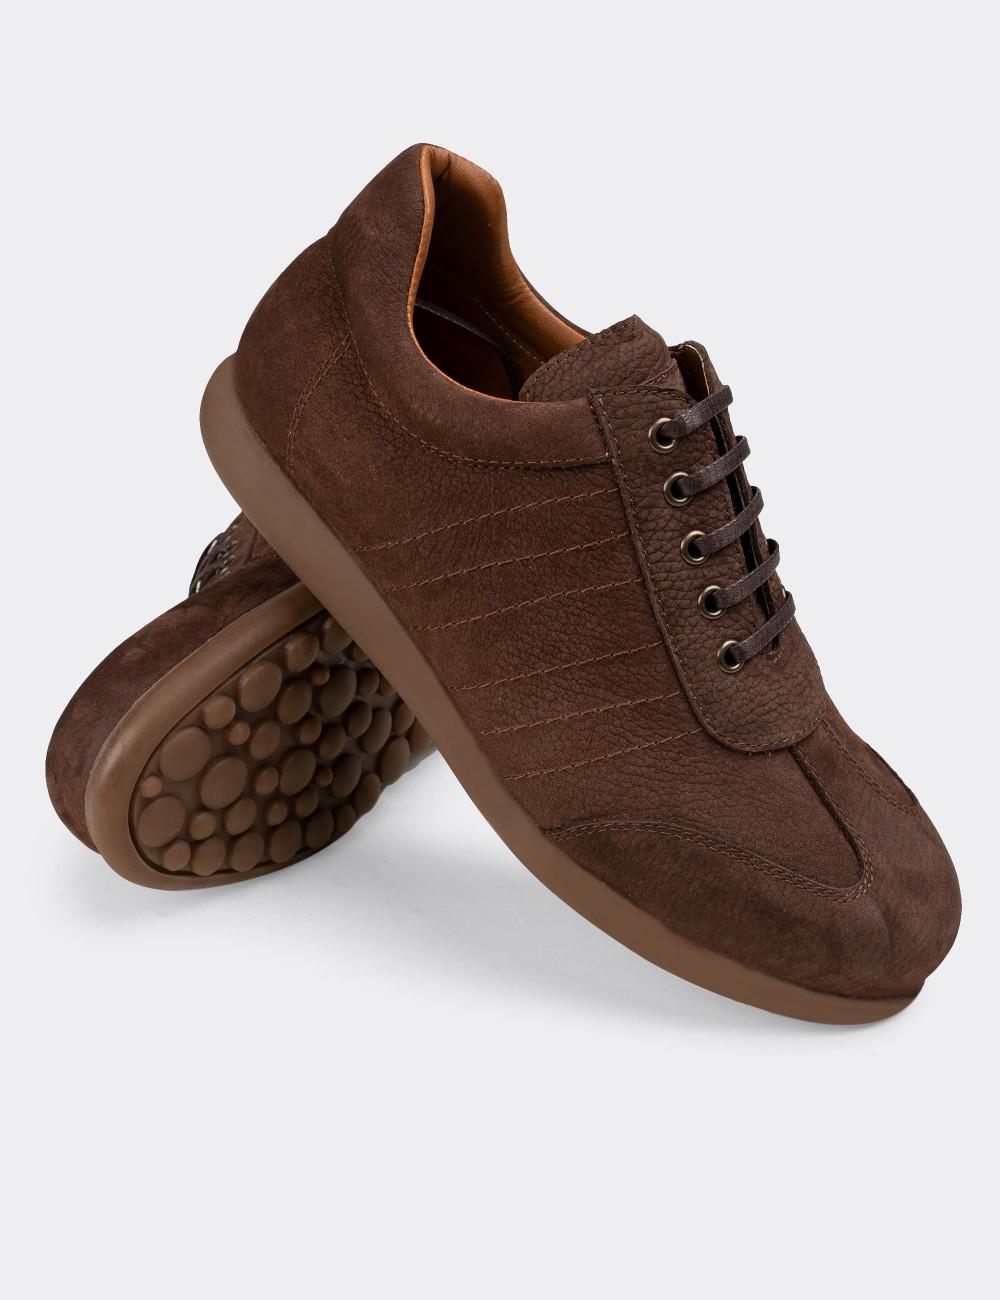 Hakiki Nubuk Kahverengi Günlük Erkek Ayakkabı - 01826MKHVC01